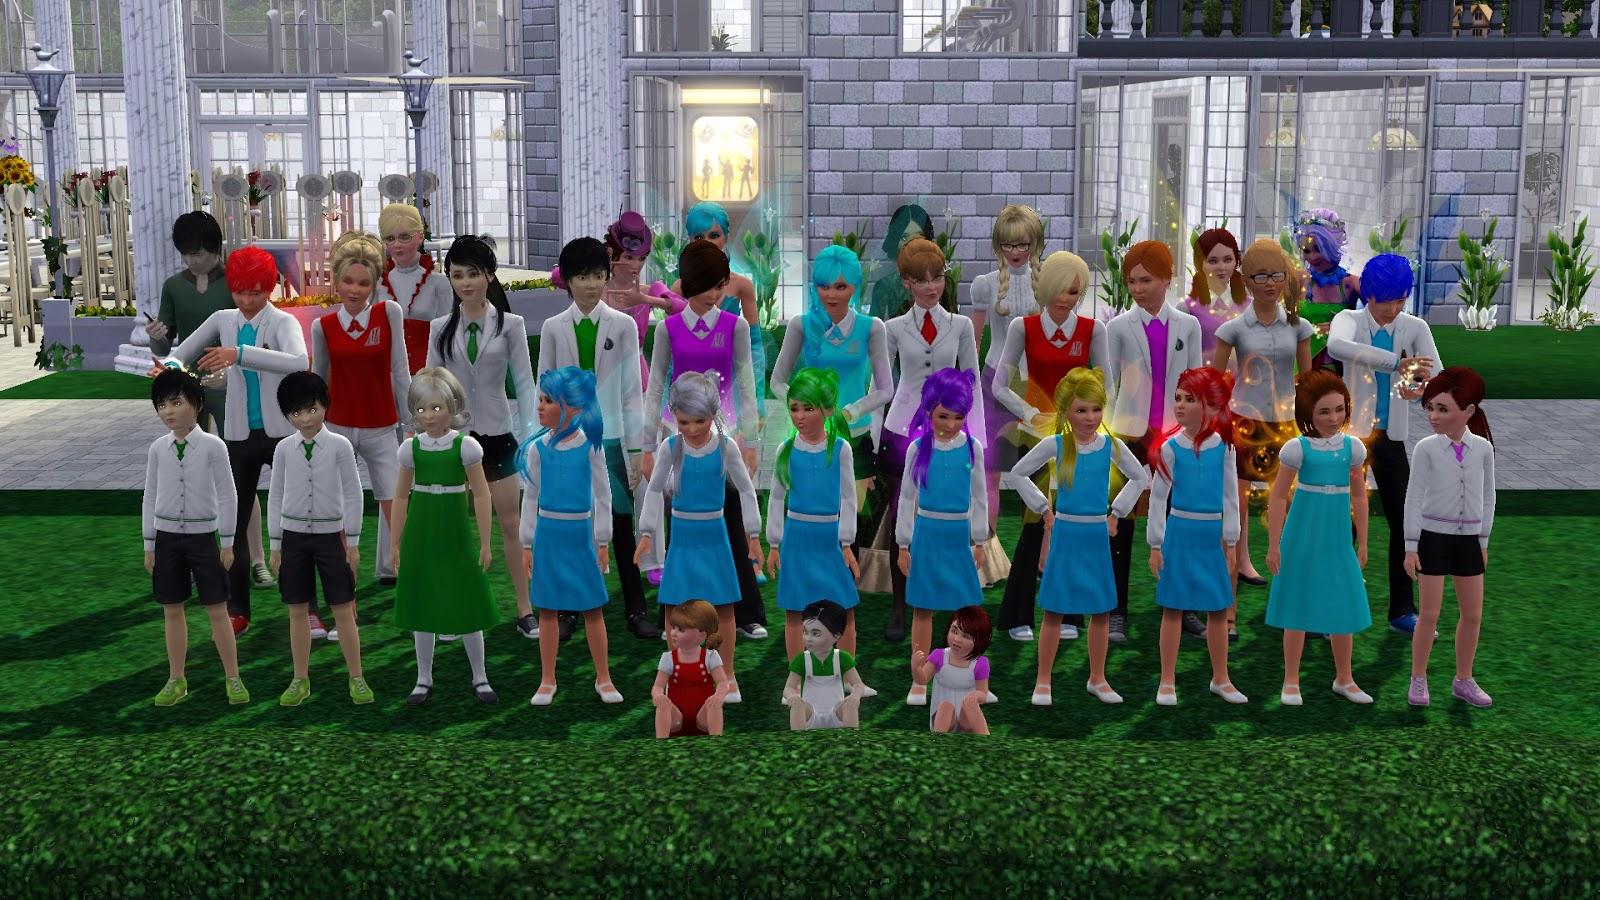 Sims 3 Cheats - Cantarella's Sims Page